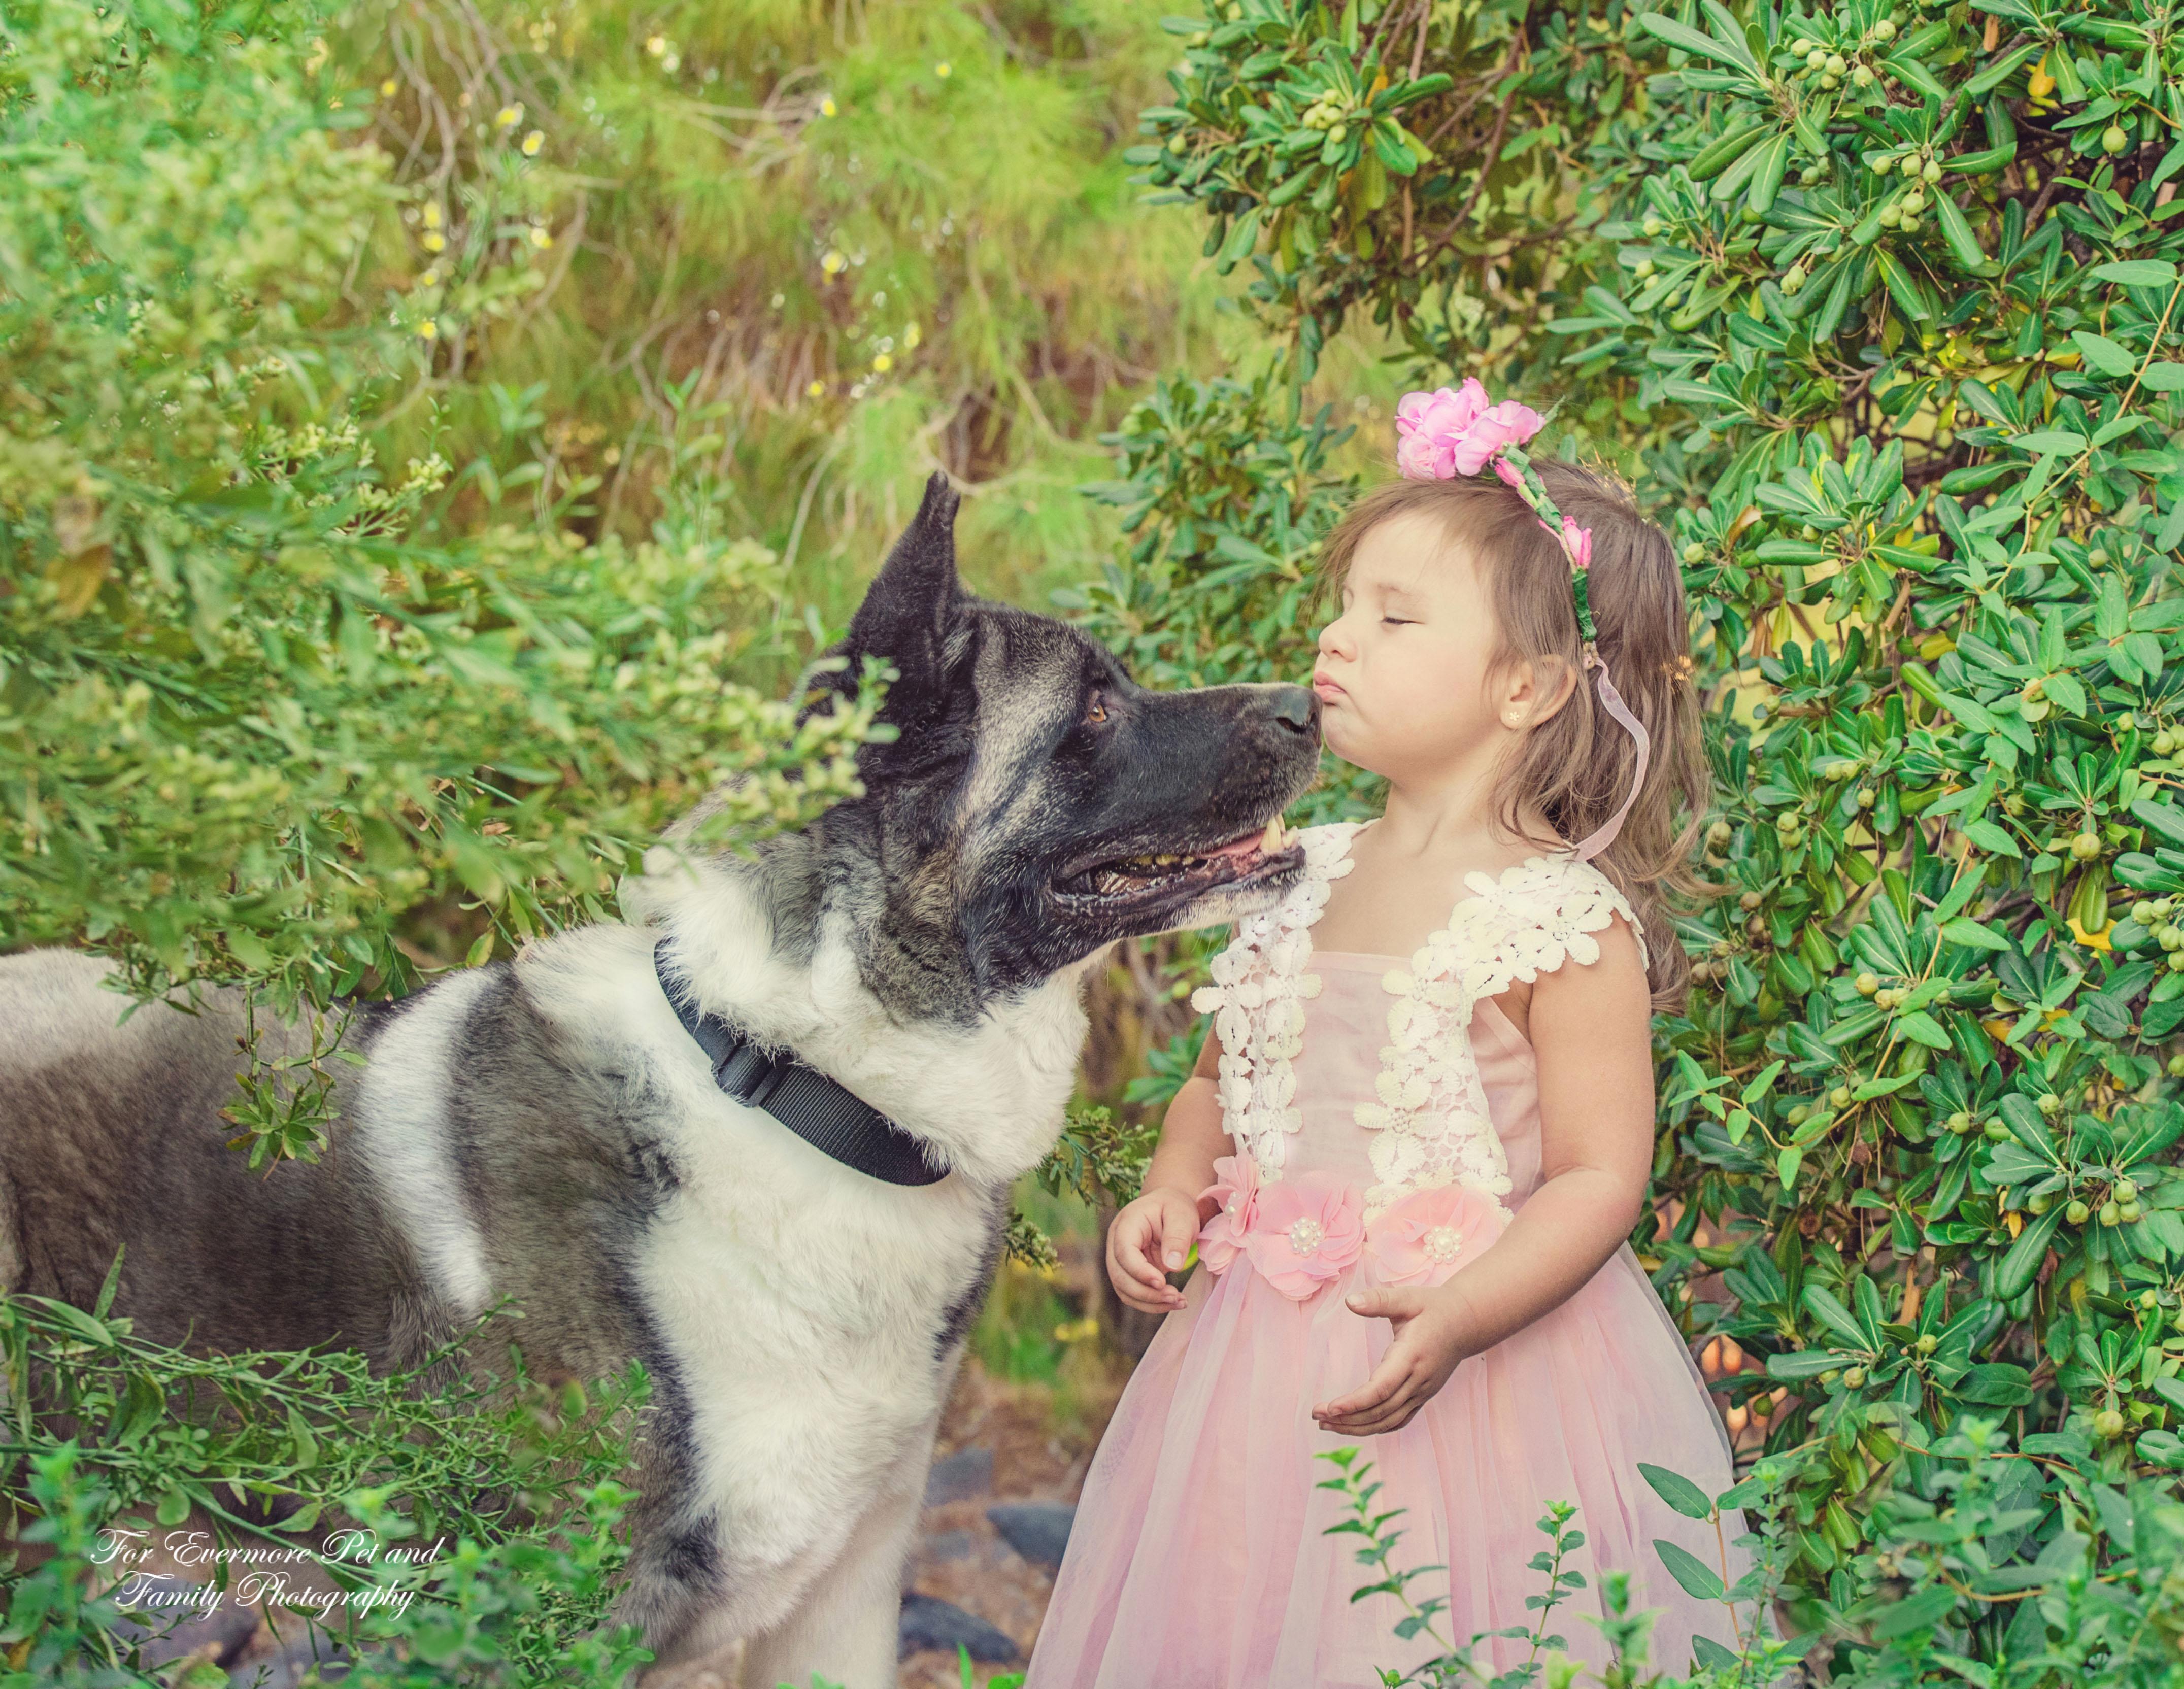 Gunnar and Kira